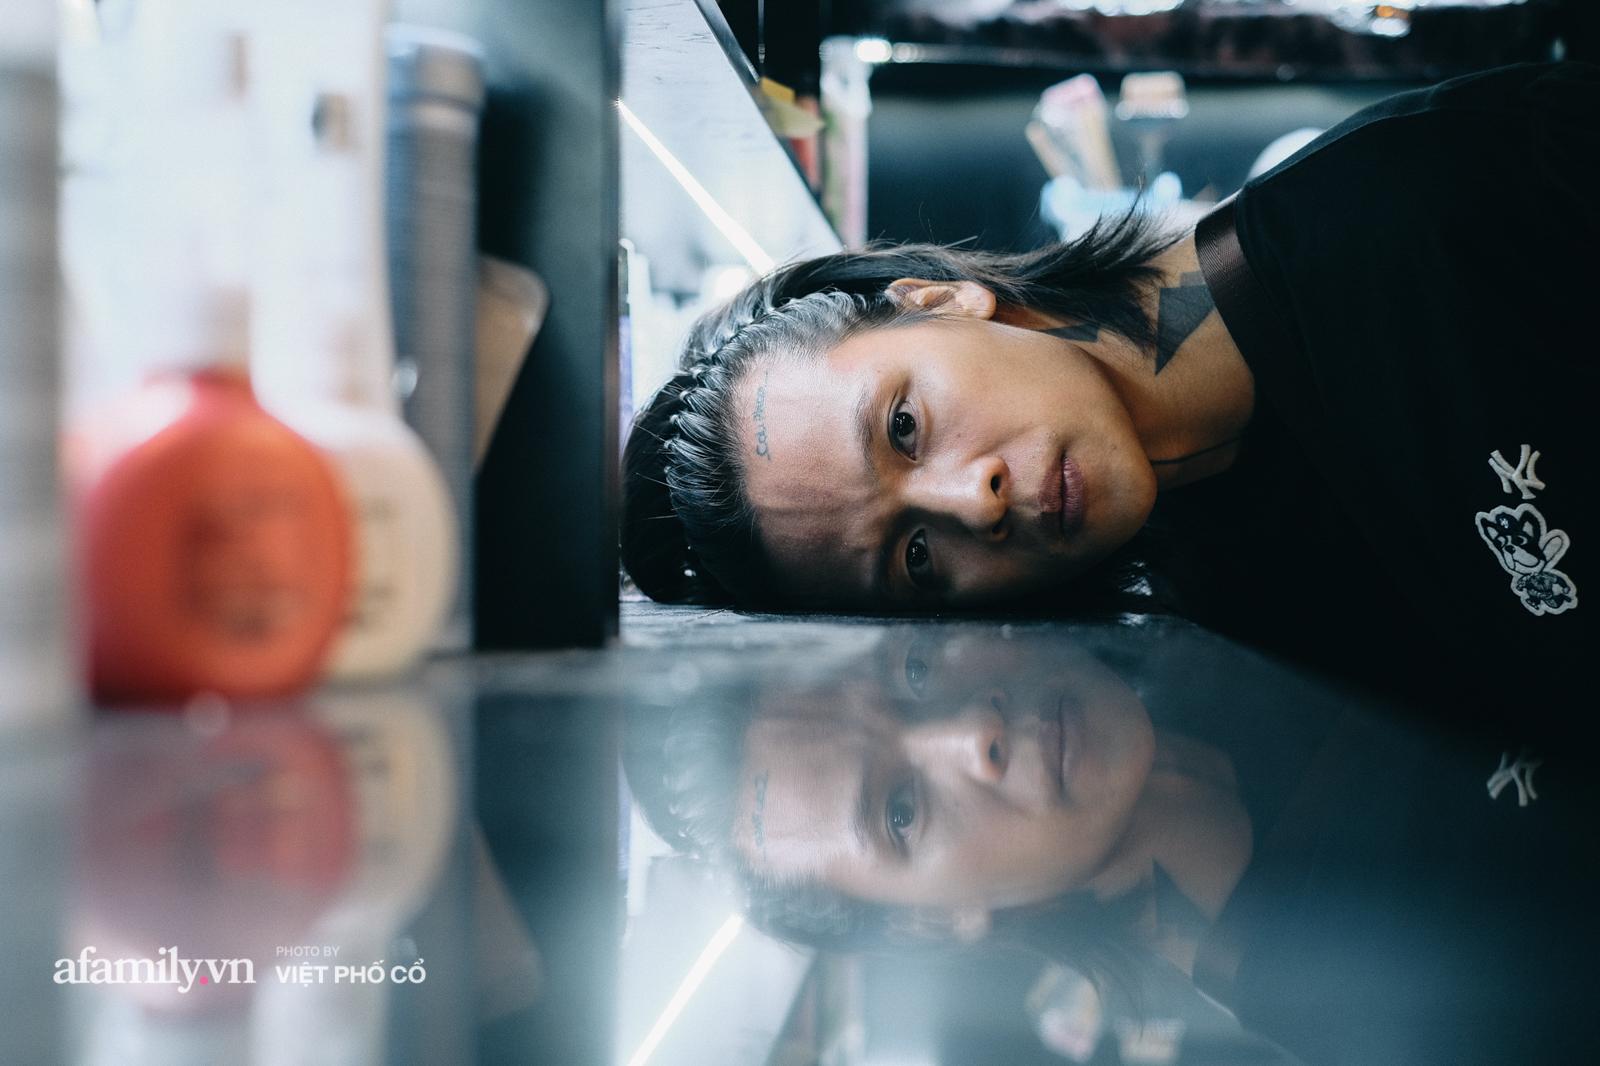 Cali Phạm: Từ cú vấp ngã trượt đại học, nhờ 1 câu nói của bố mà đạp xe vòng quanh Hà Nội để học cắt tóc và chia sẻ về 1 điều không bao giờ nói dối khách hàng  - Ảnh 4.